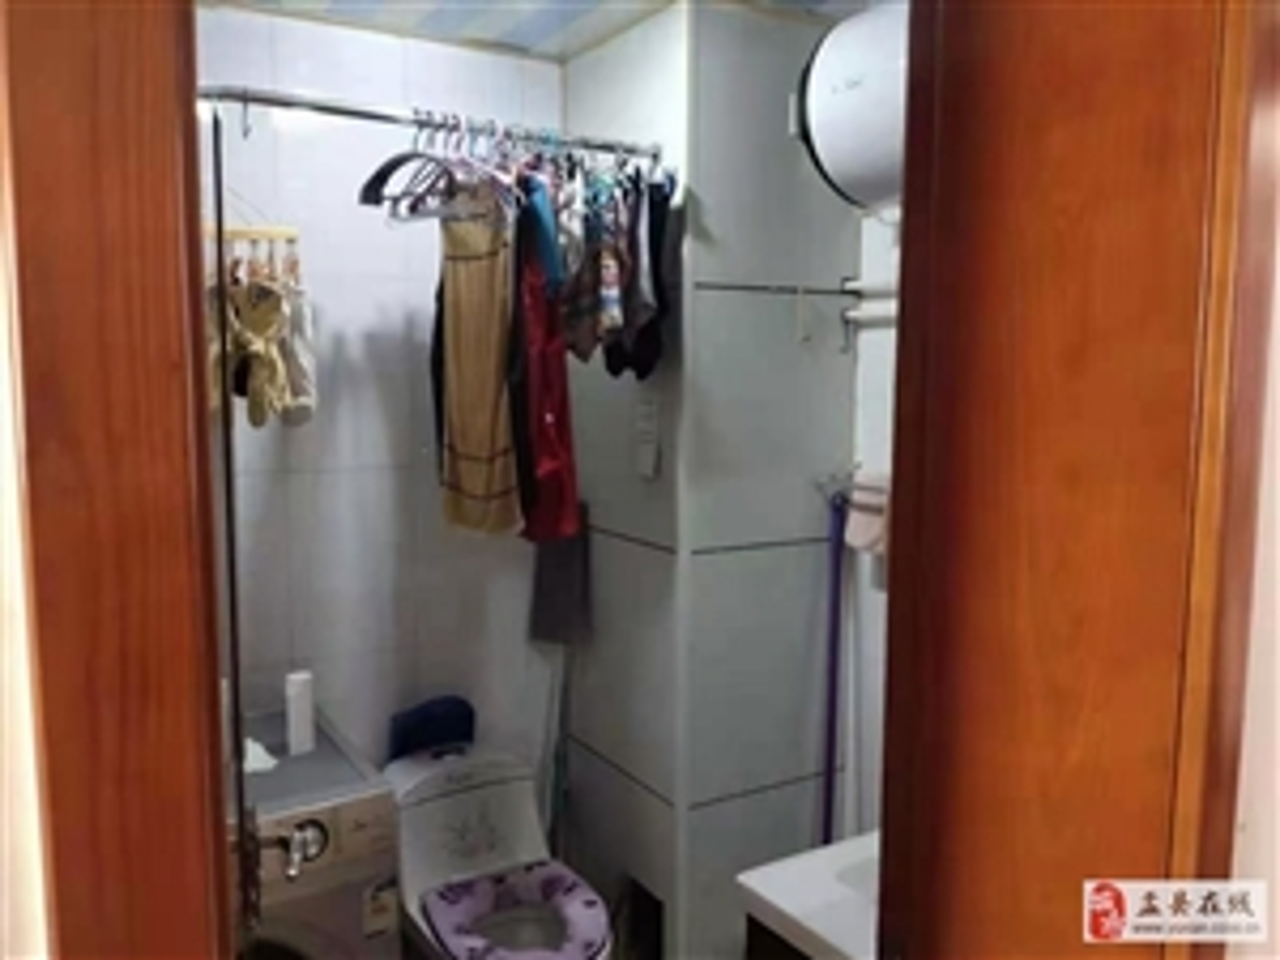 裕新园小区2室 2厅 1卫39.8万元